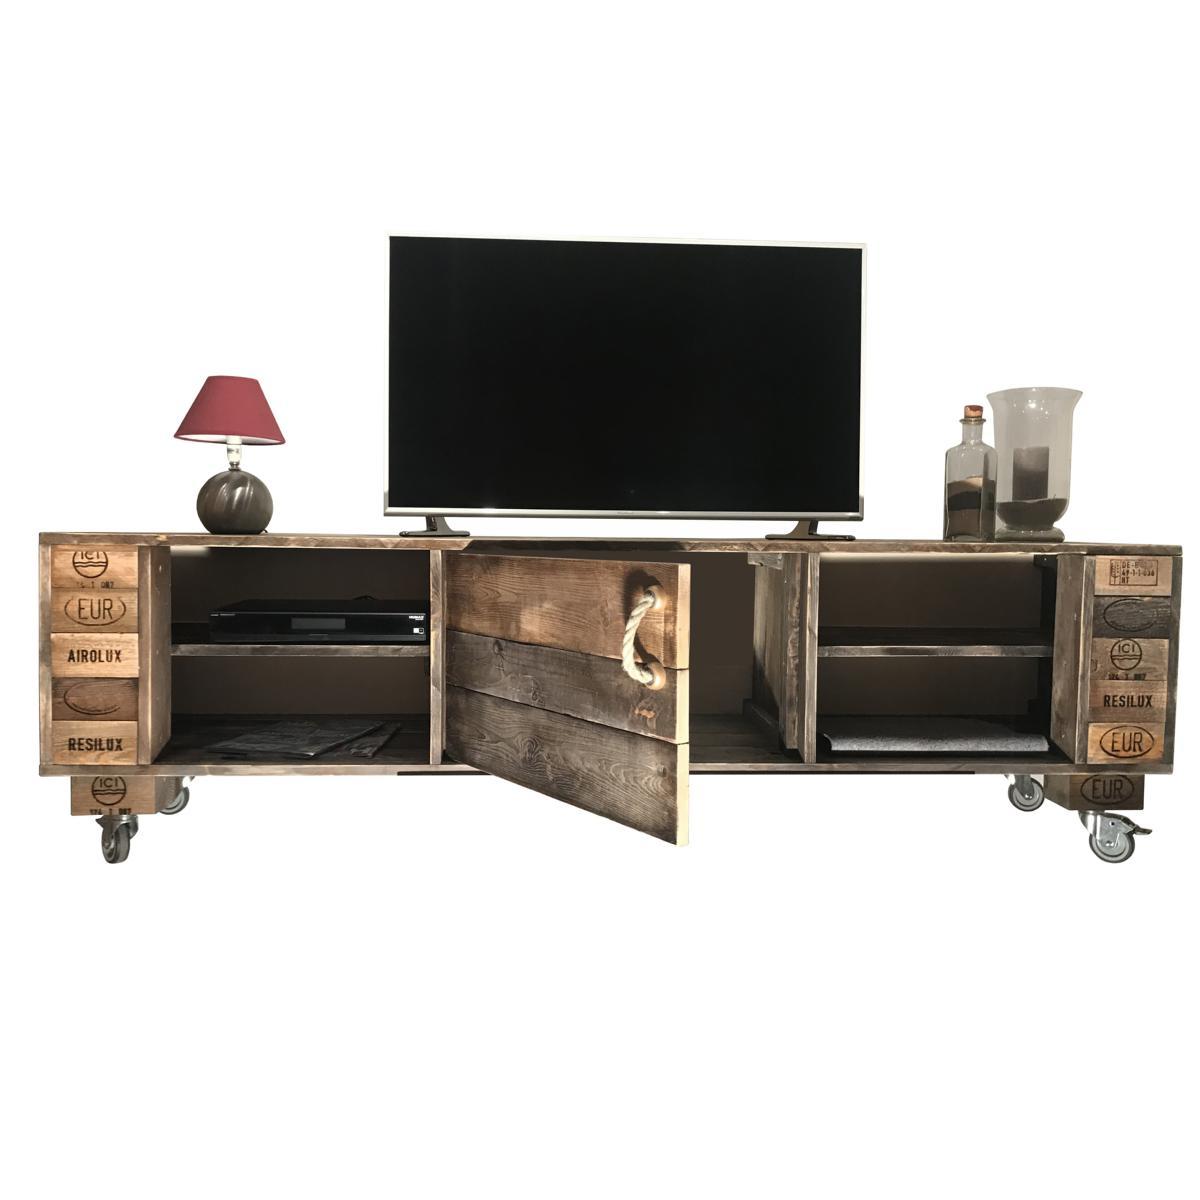 Möbel aus Europaletten kaufen